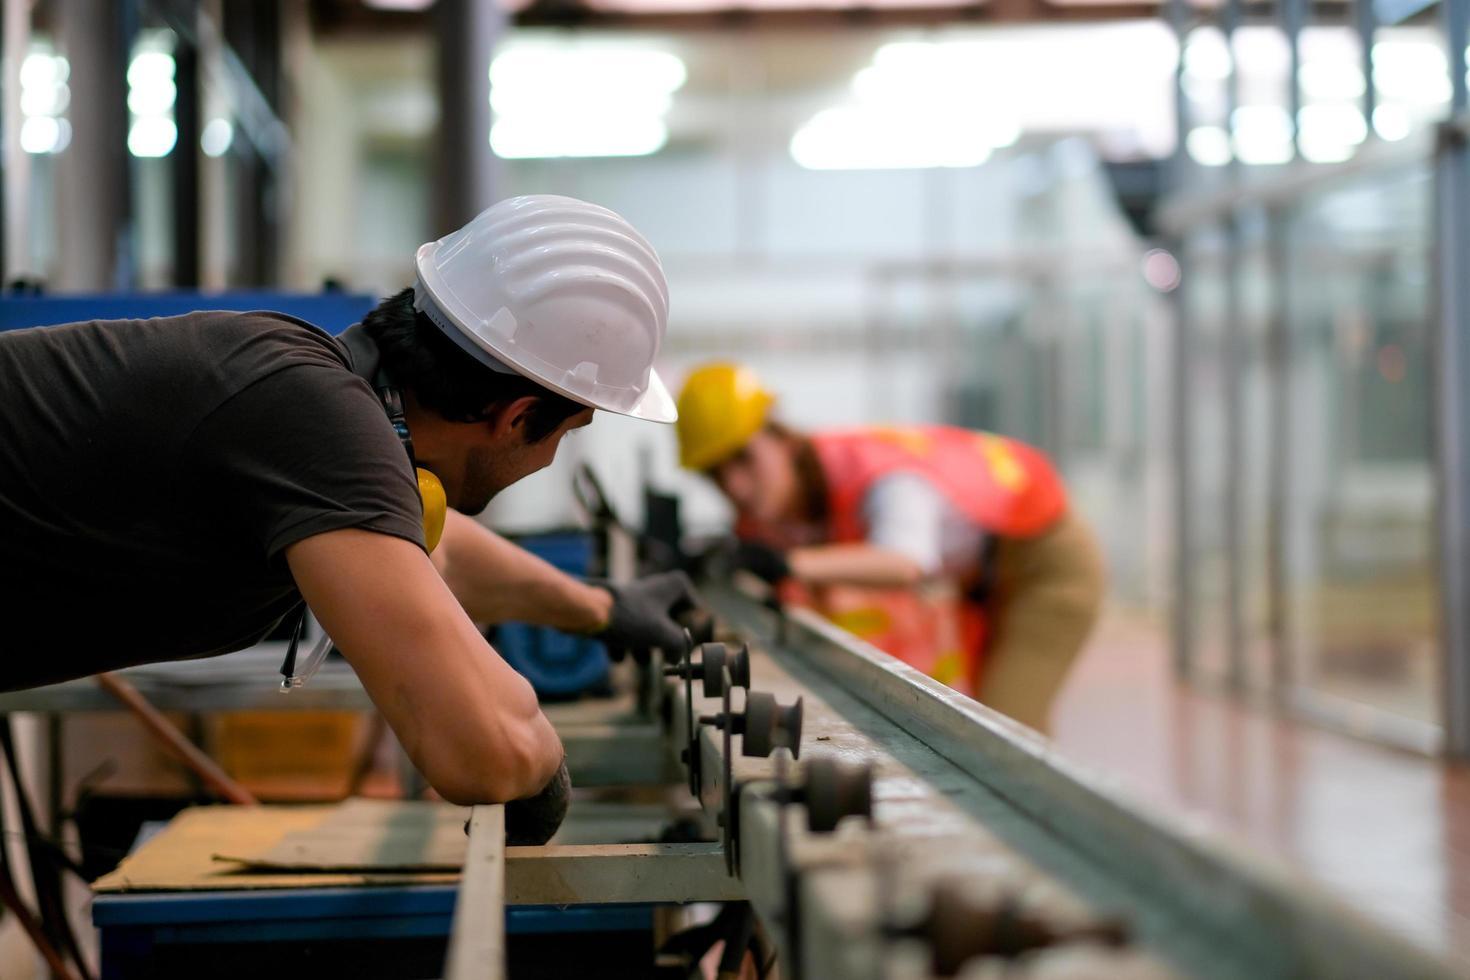 técnico masculino en planta industrial trabajando junto a compañera de trabajo foto